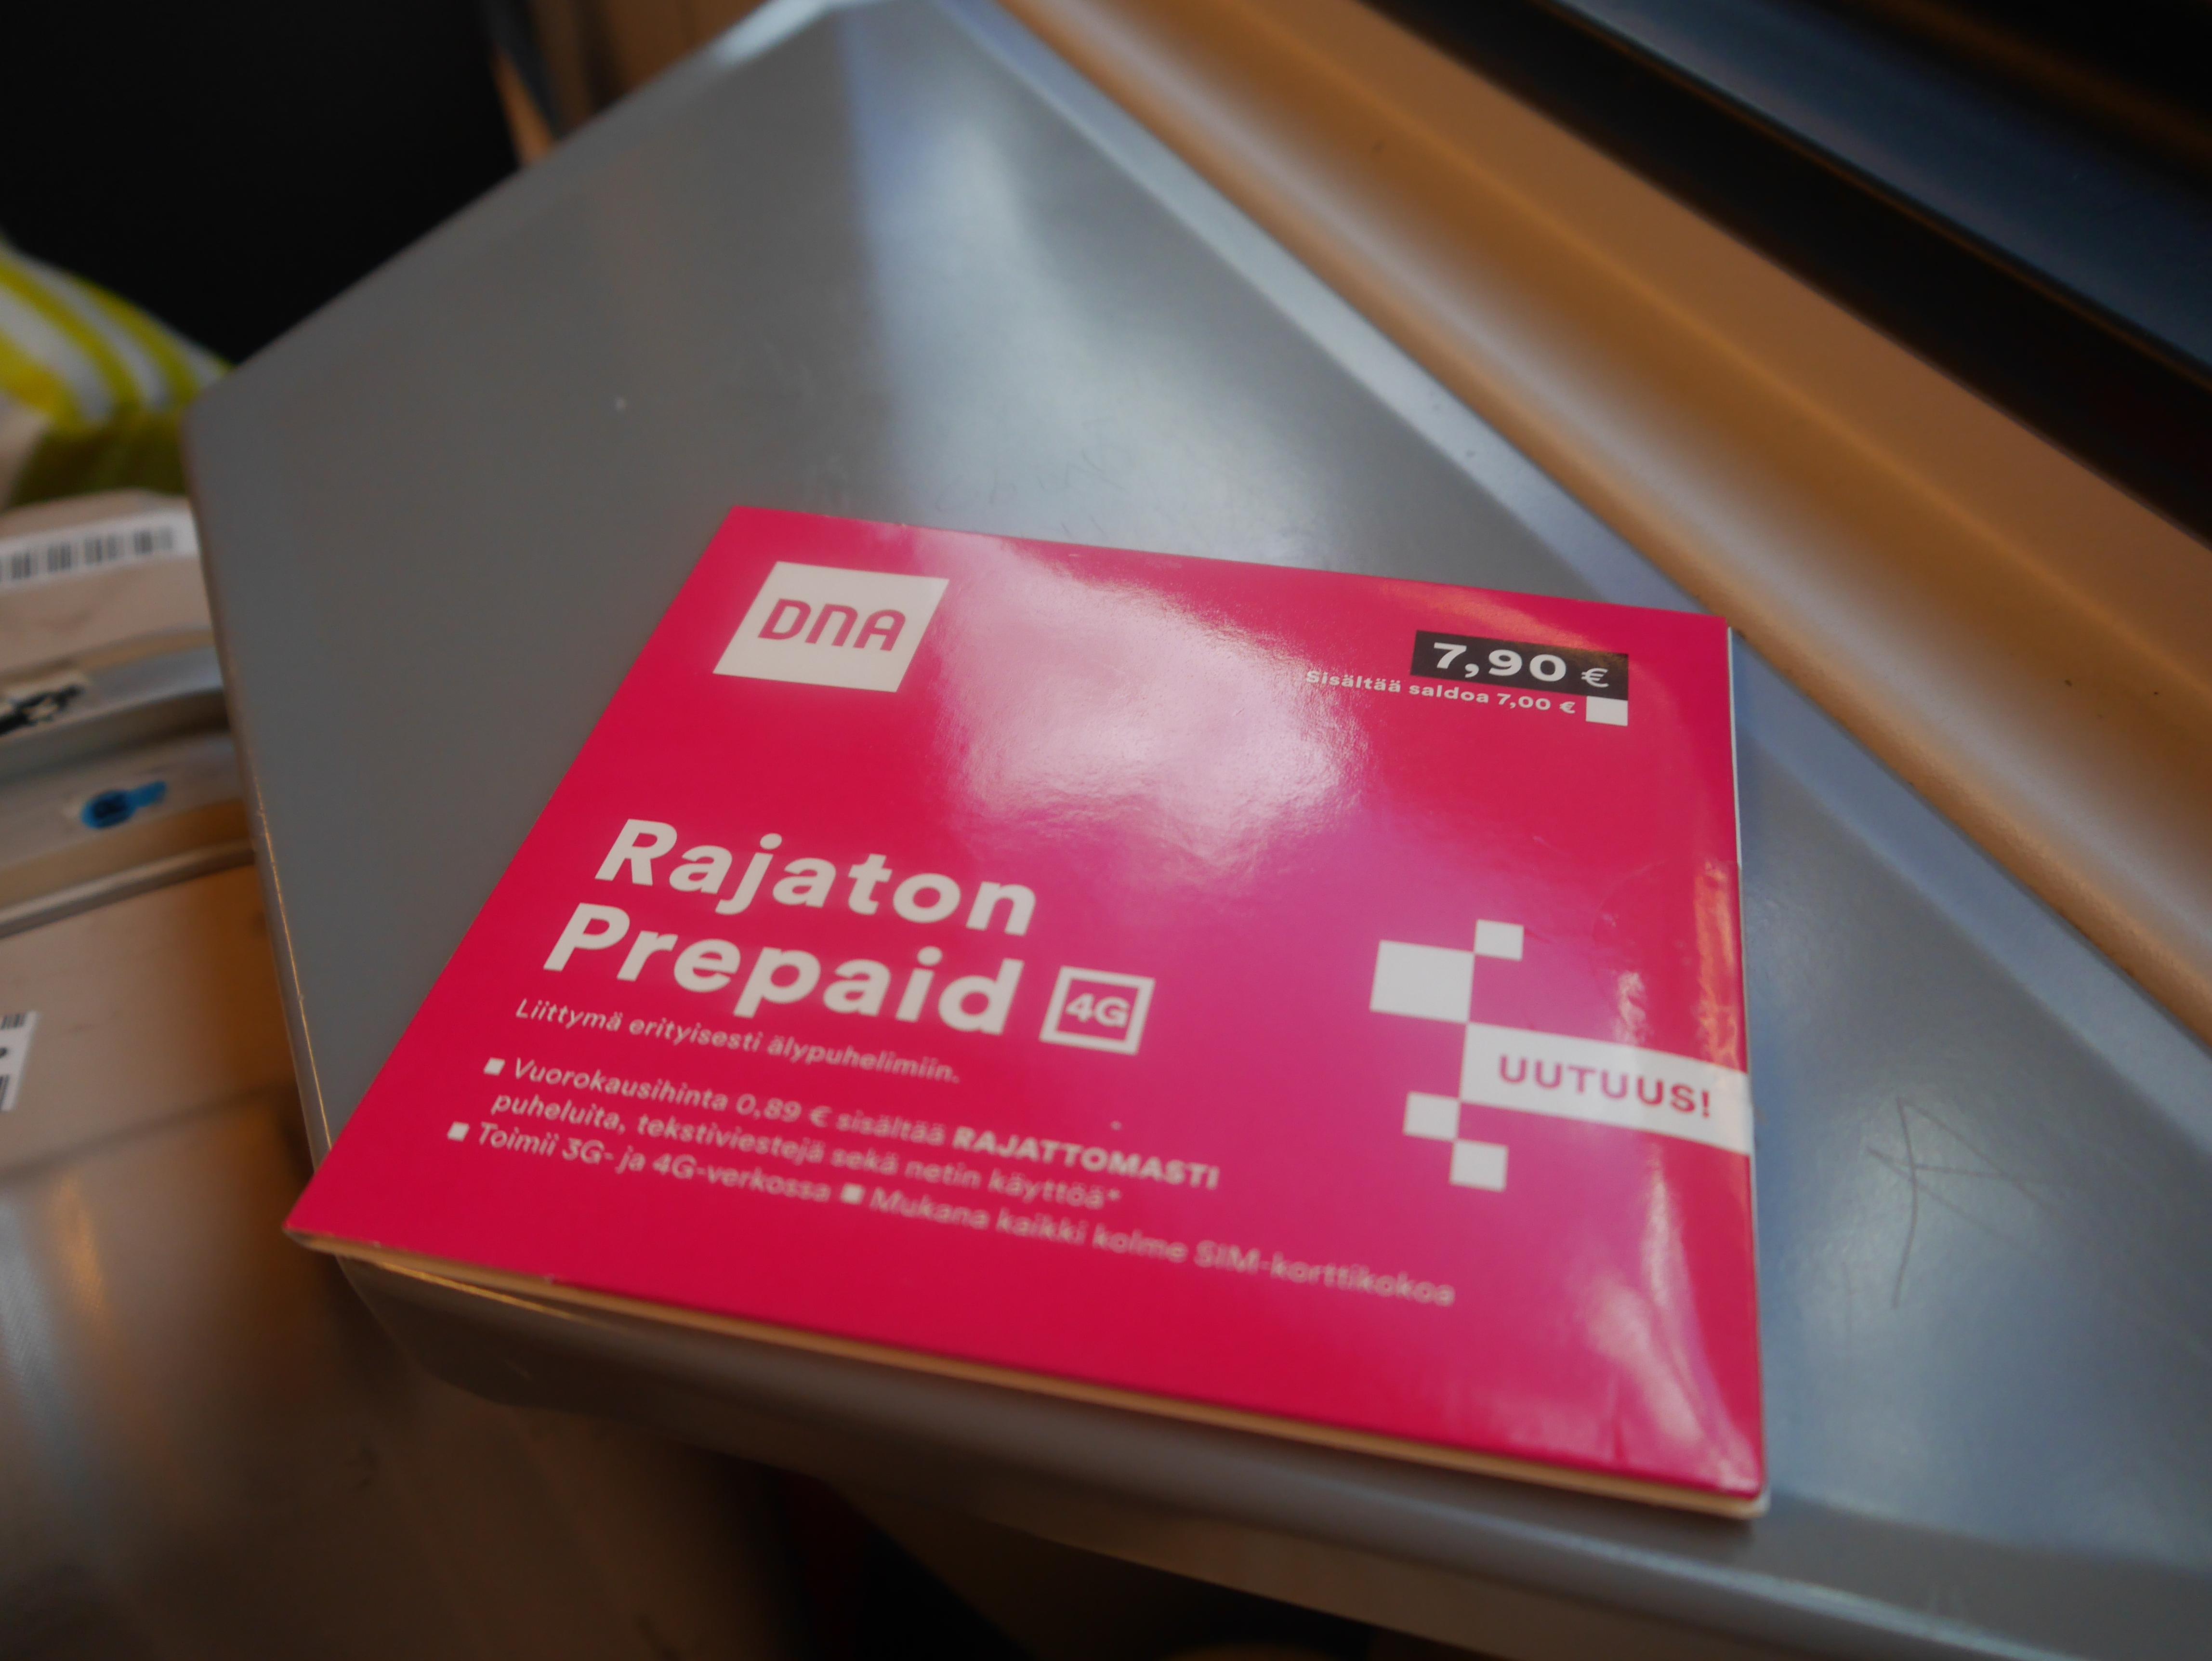 北欧は安くて便利!フィンランド・ヘルシンキに降り立ったとき最適なSIMカード